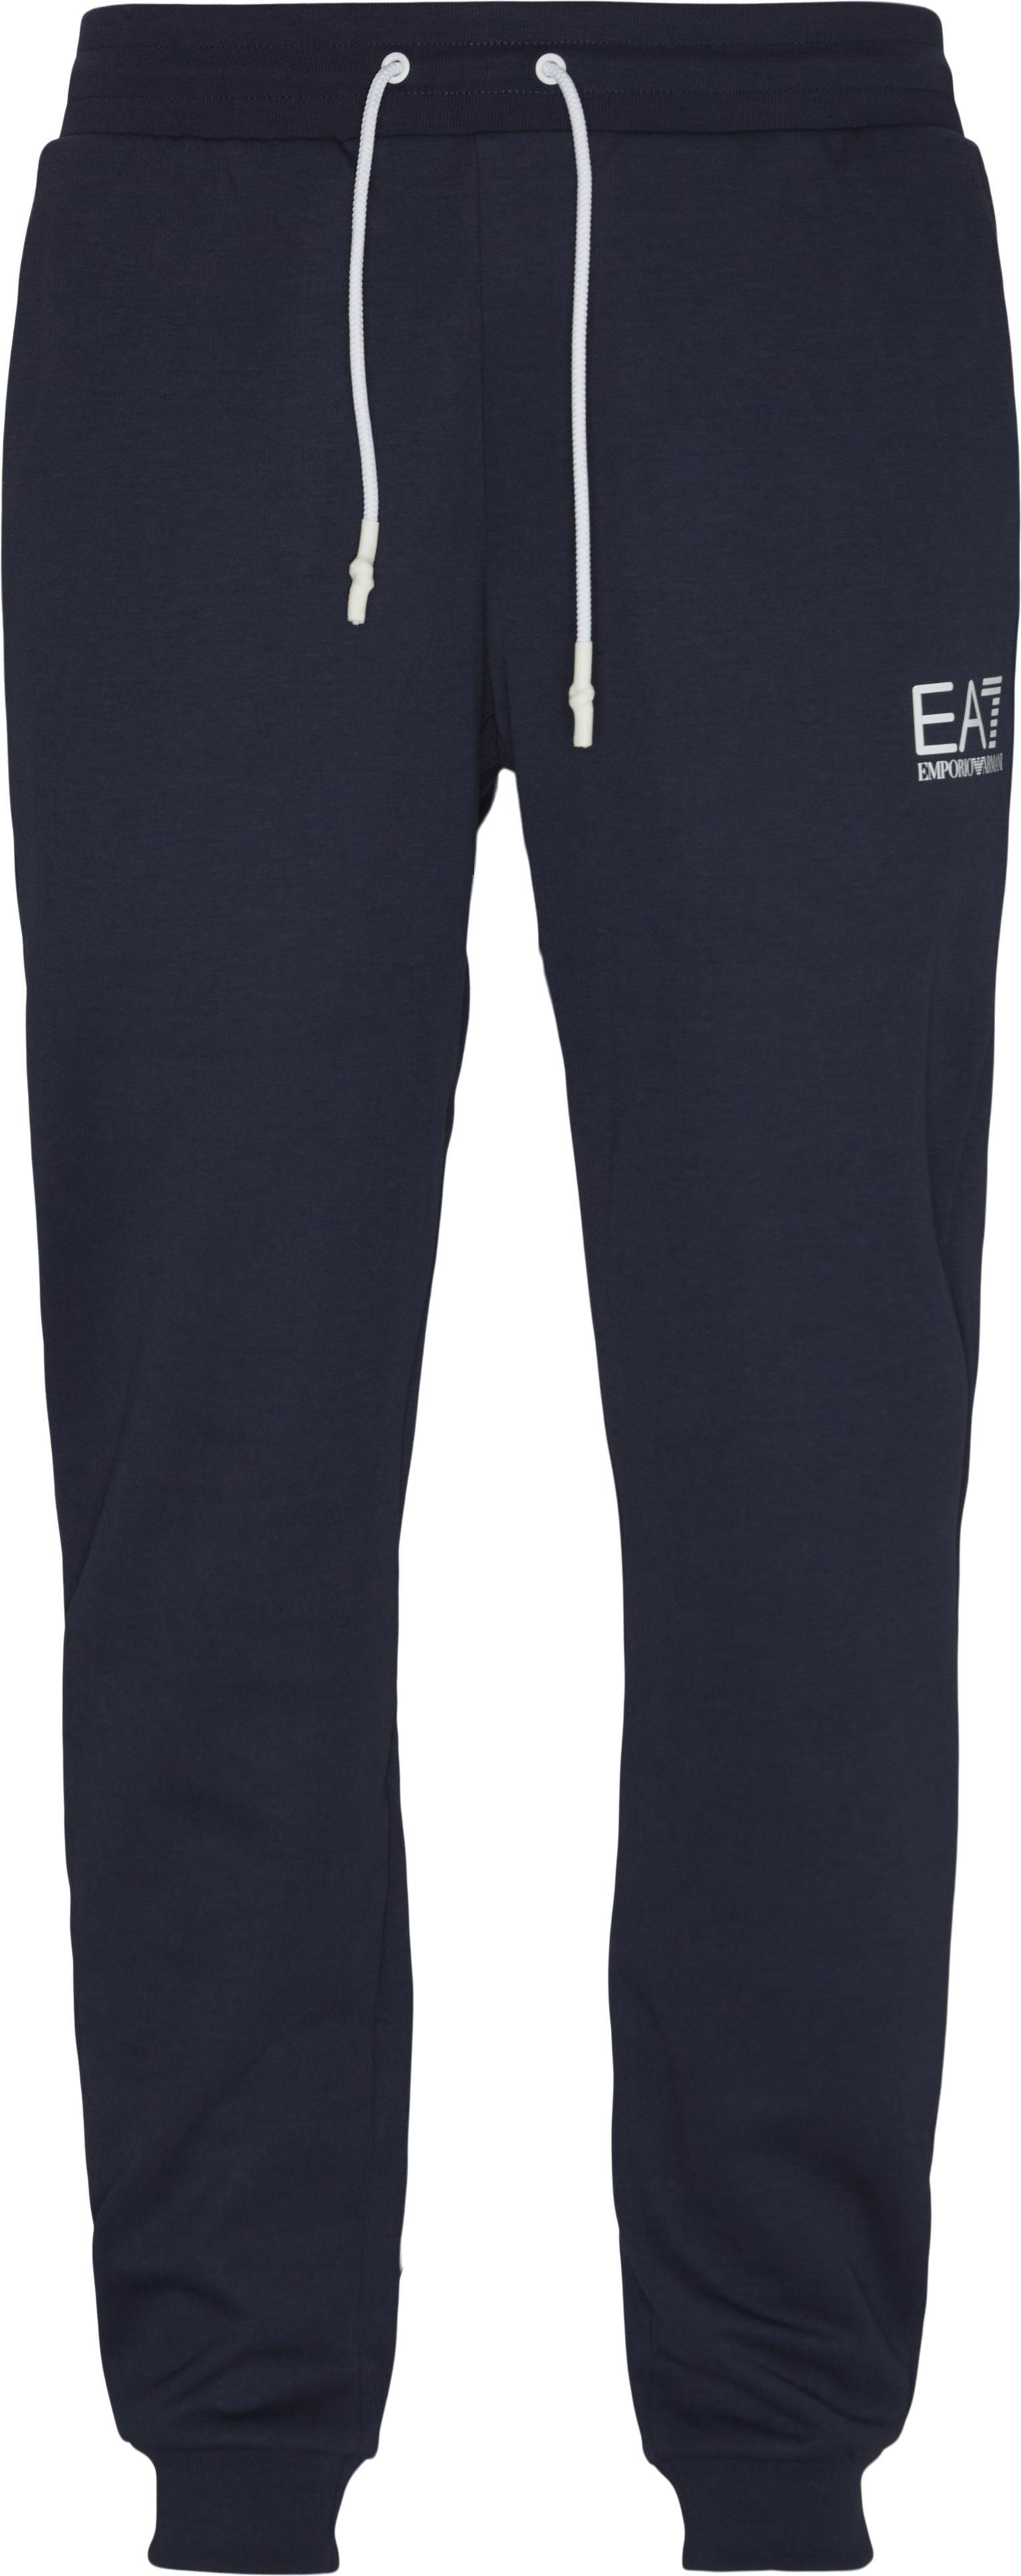 Byxor - Regular fit - Blå